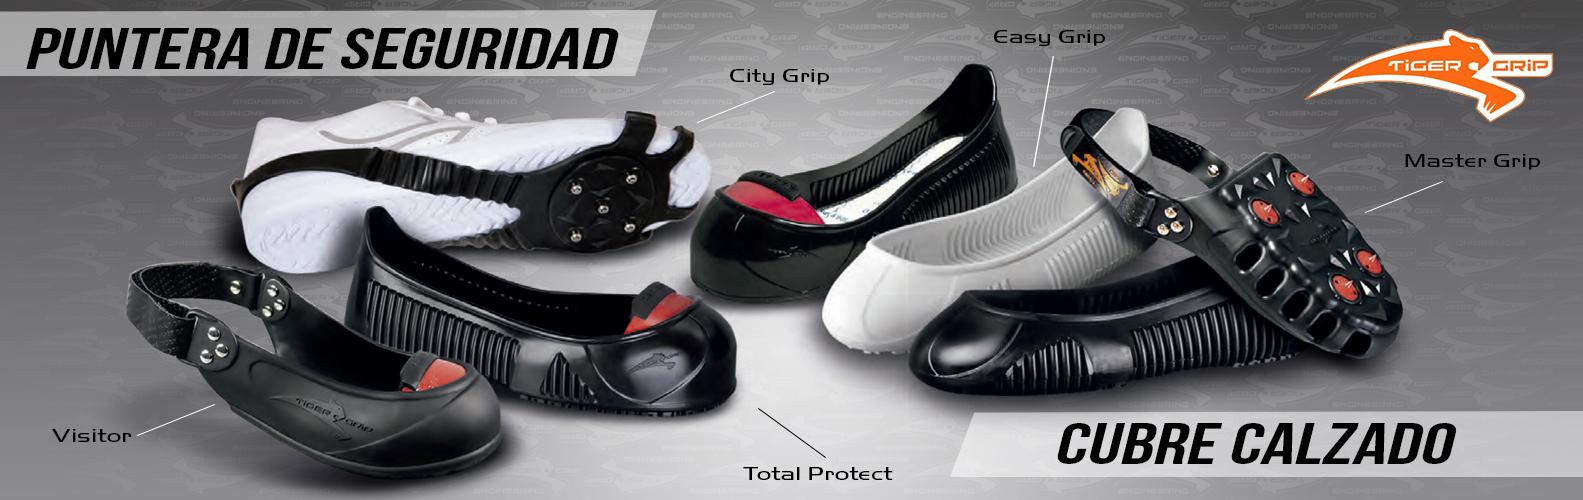 Cubre calzado de seguridad